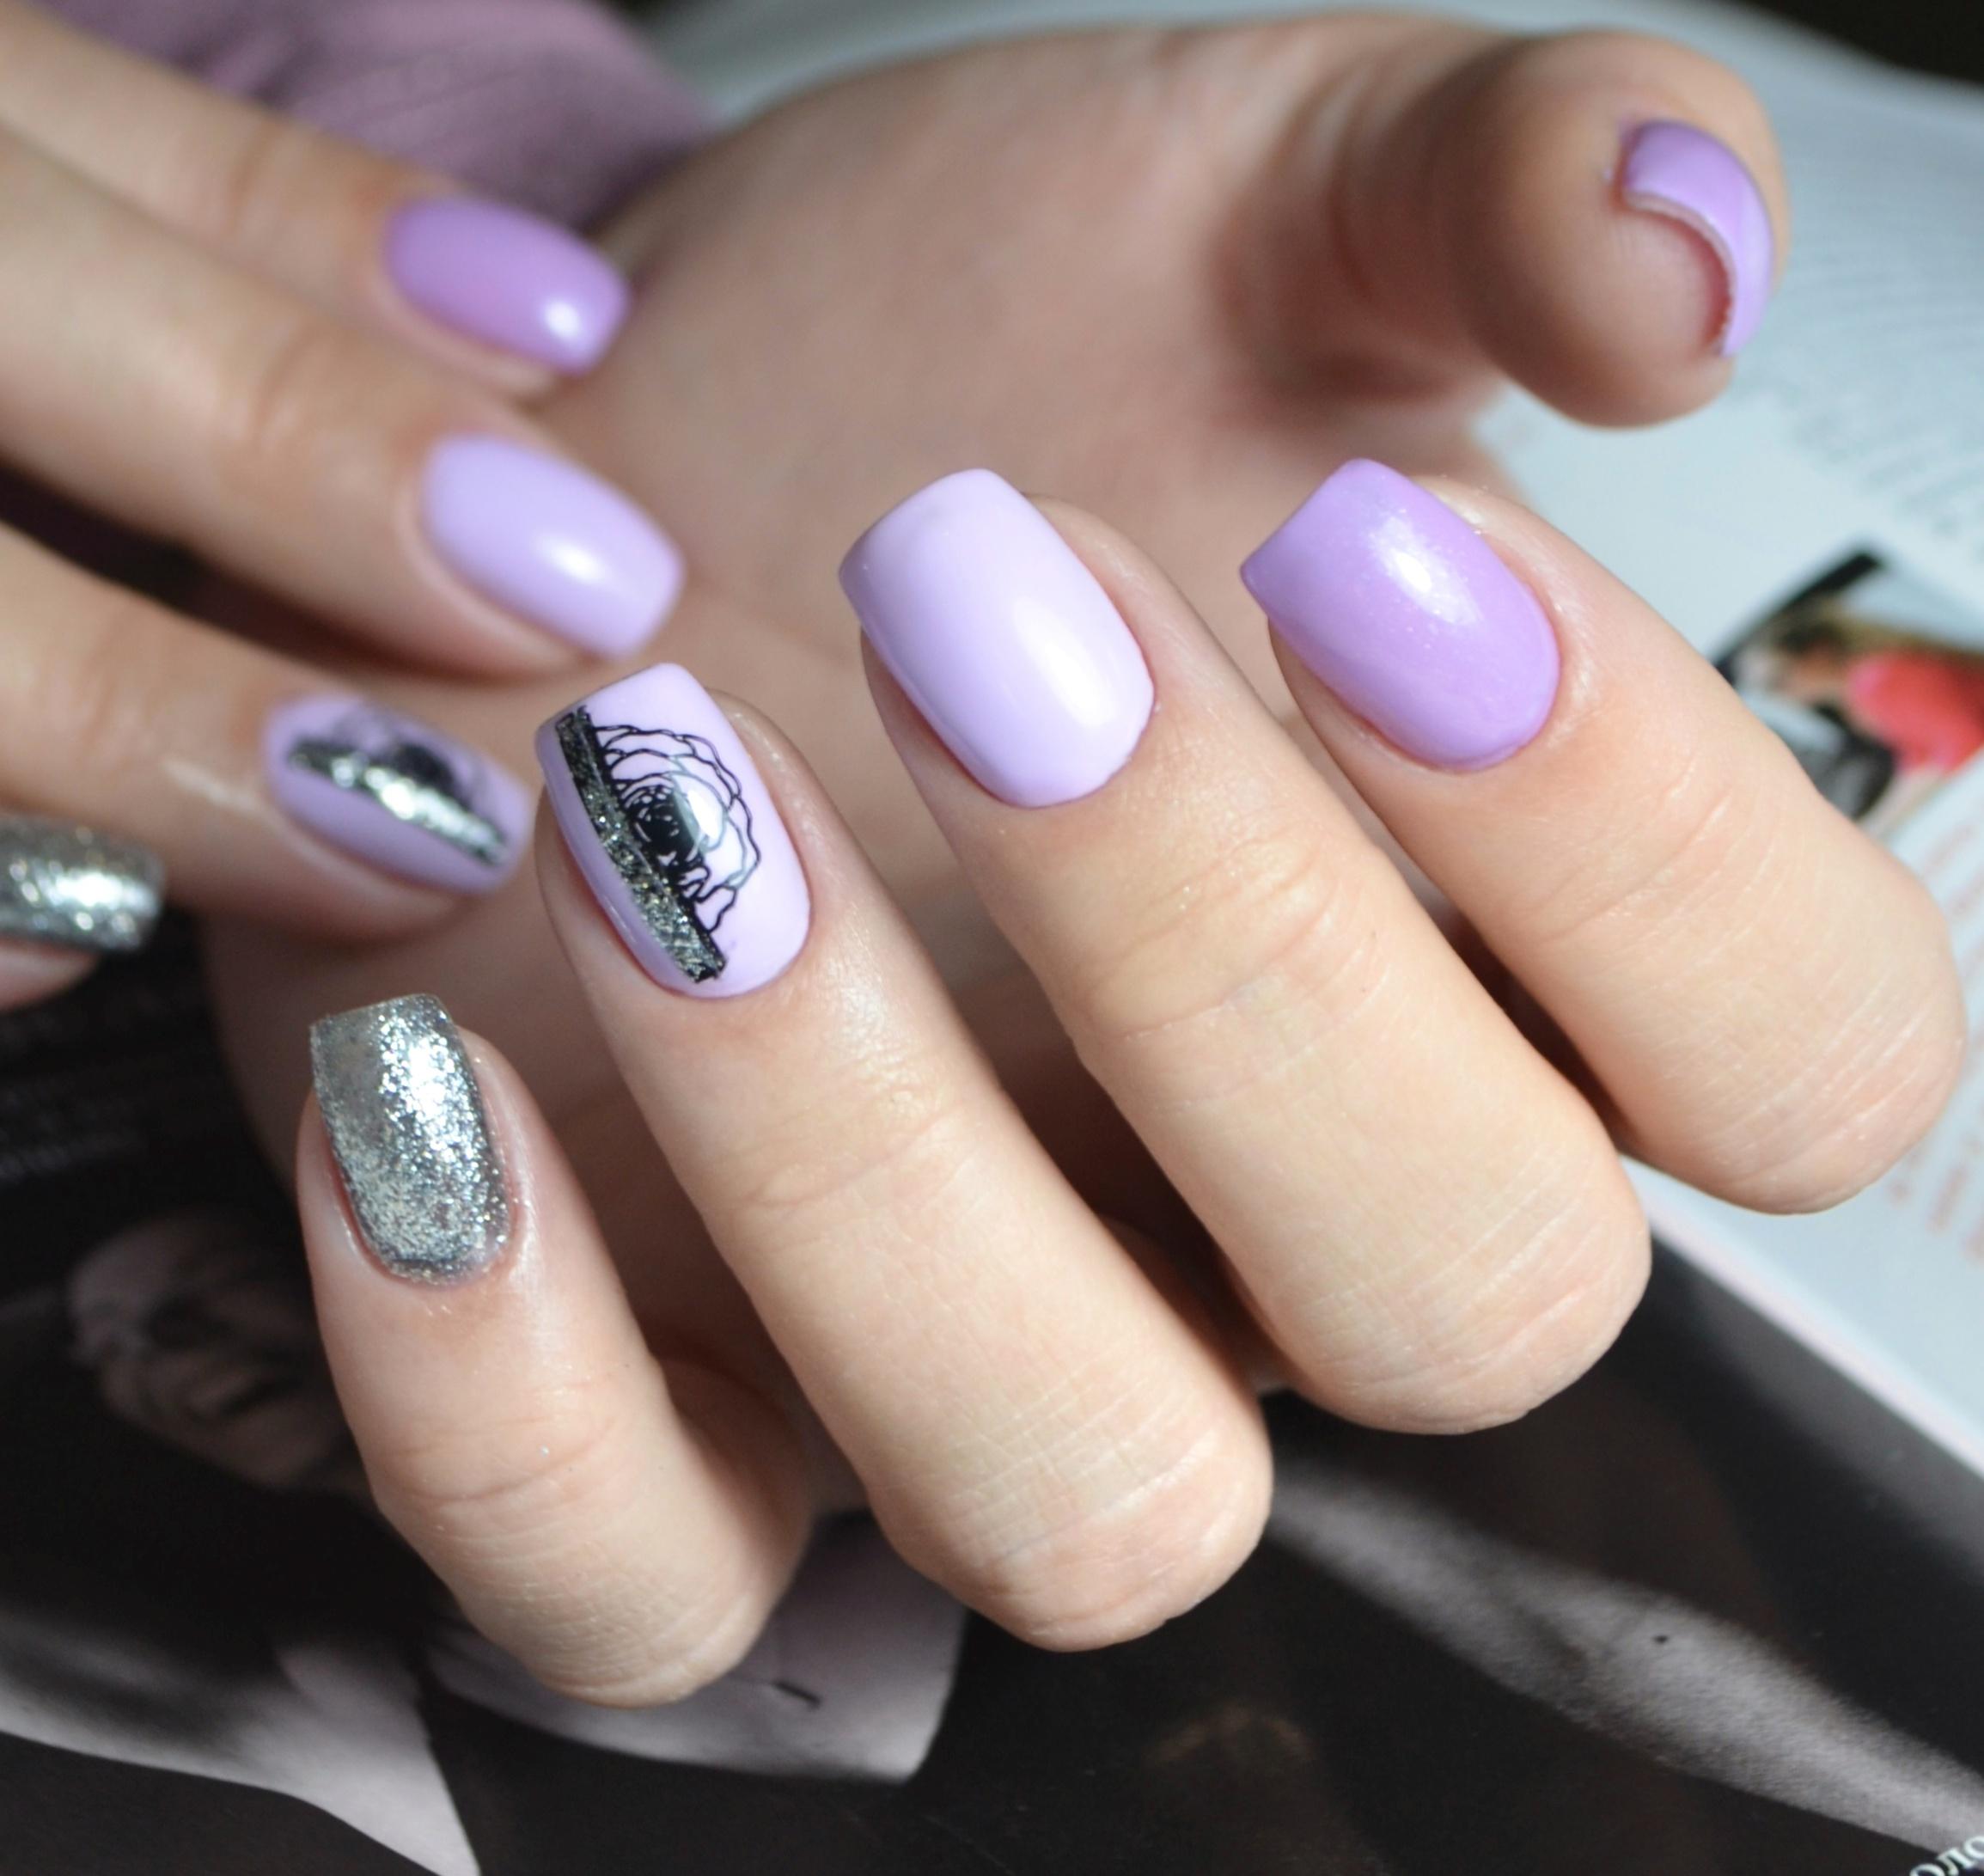 Маникюр с цветочным слайдером и серебряными блестками в сиреневом цвете.